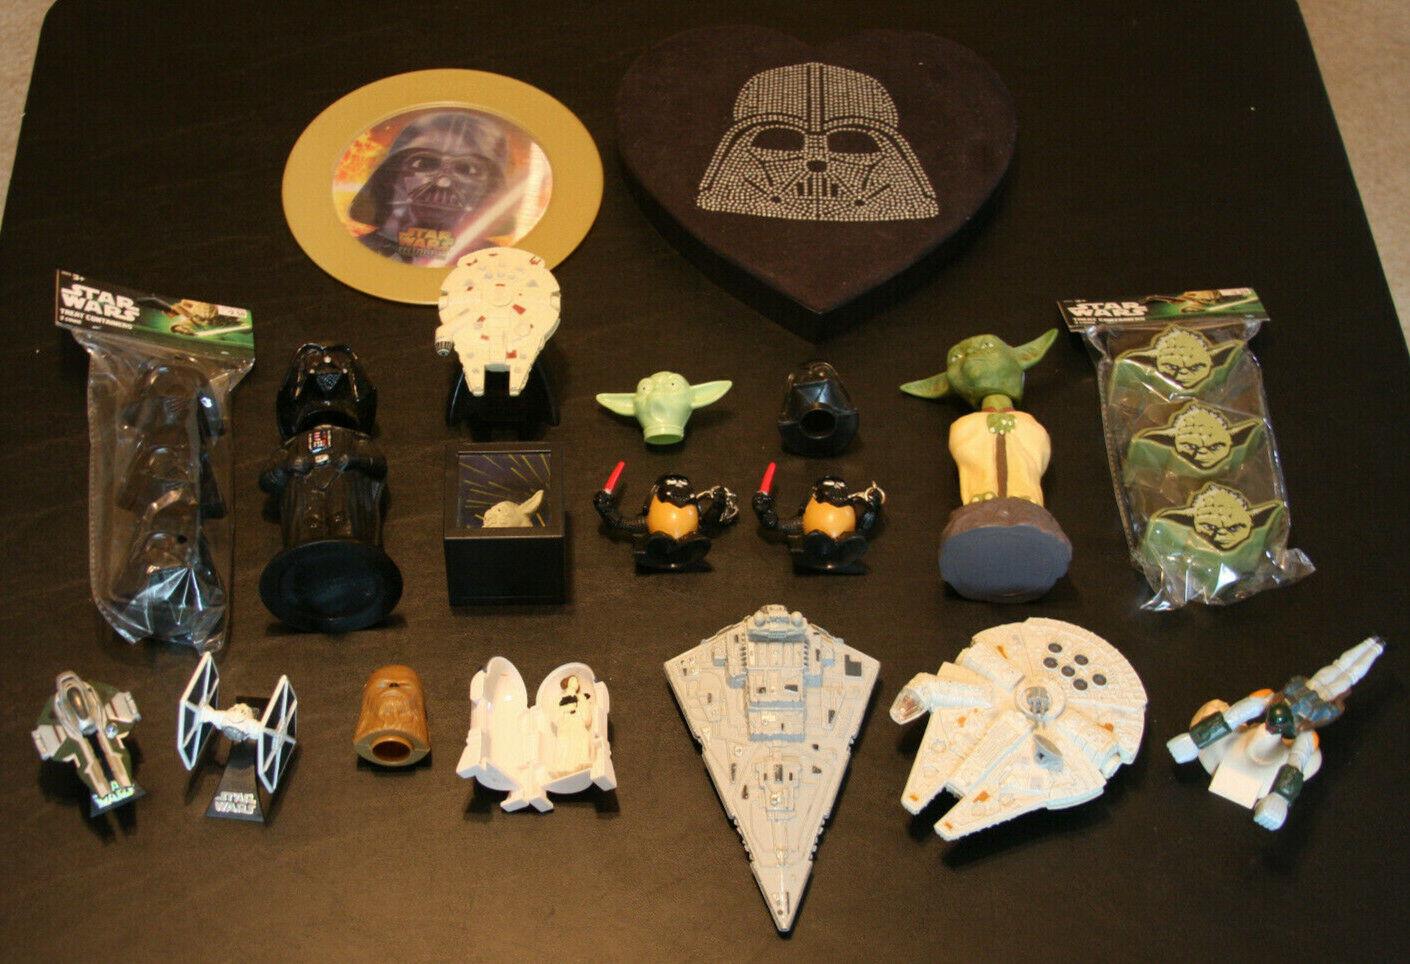 Las colecciones de Estrella Wars    rollizos, miniatura, patatas. 297